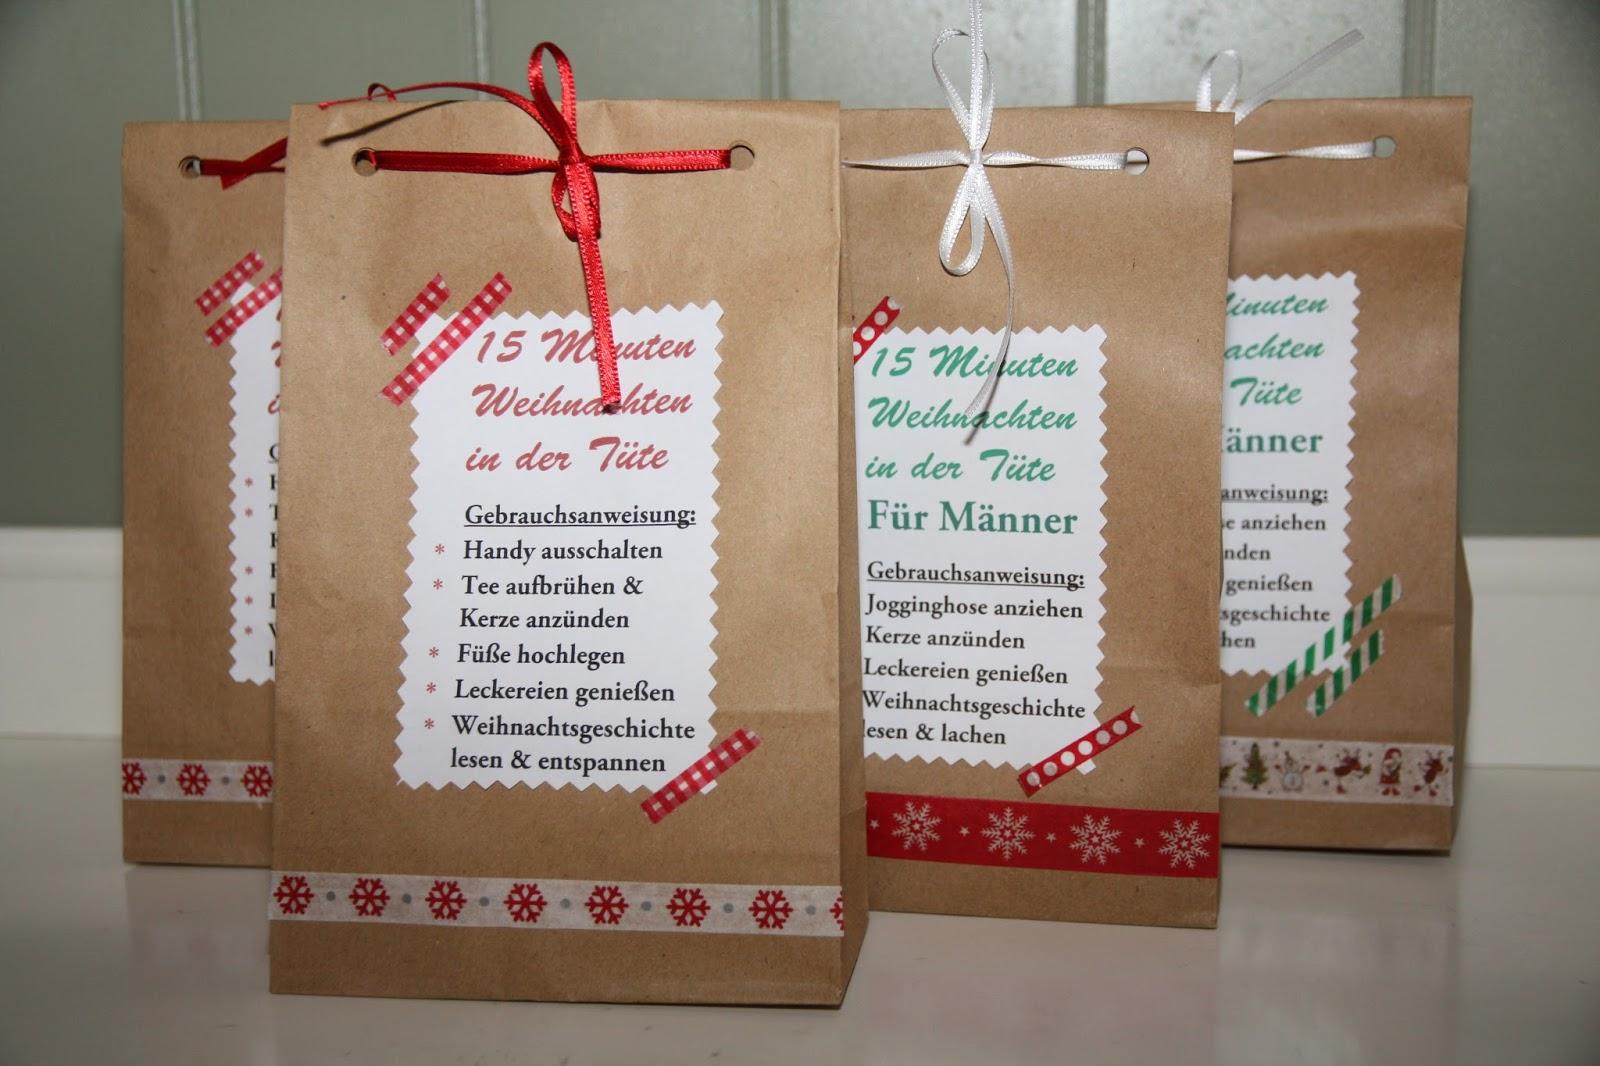 Weihnachtsgeschichte 15 min weihnachten